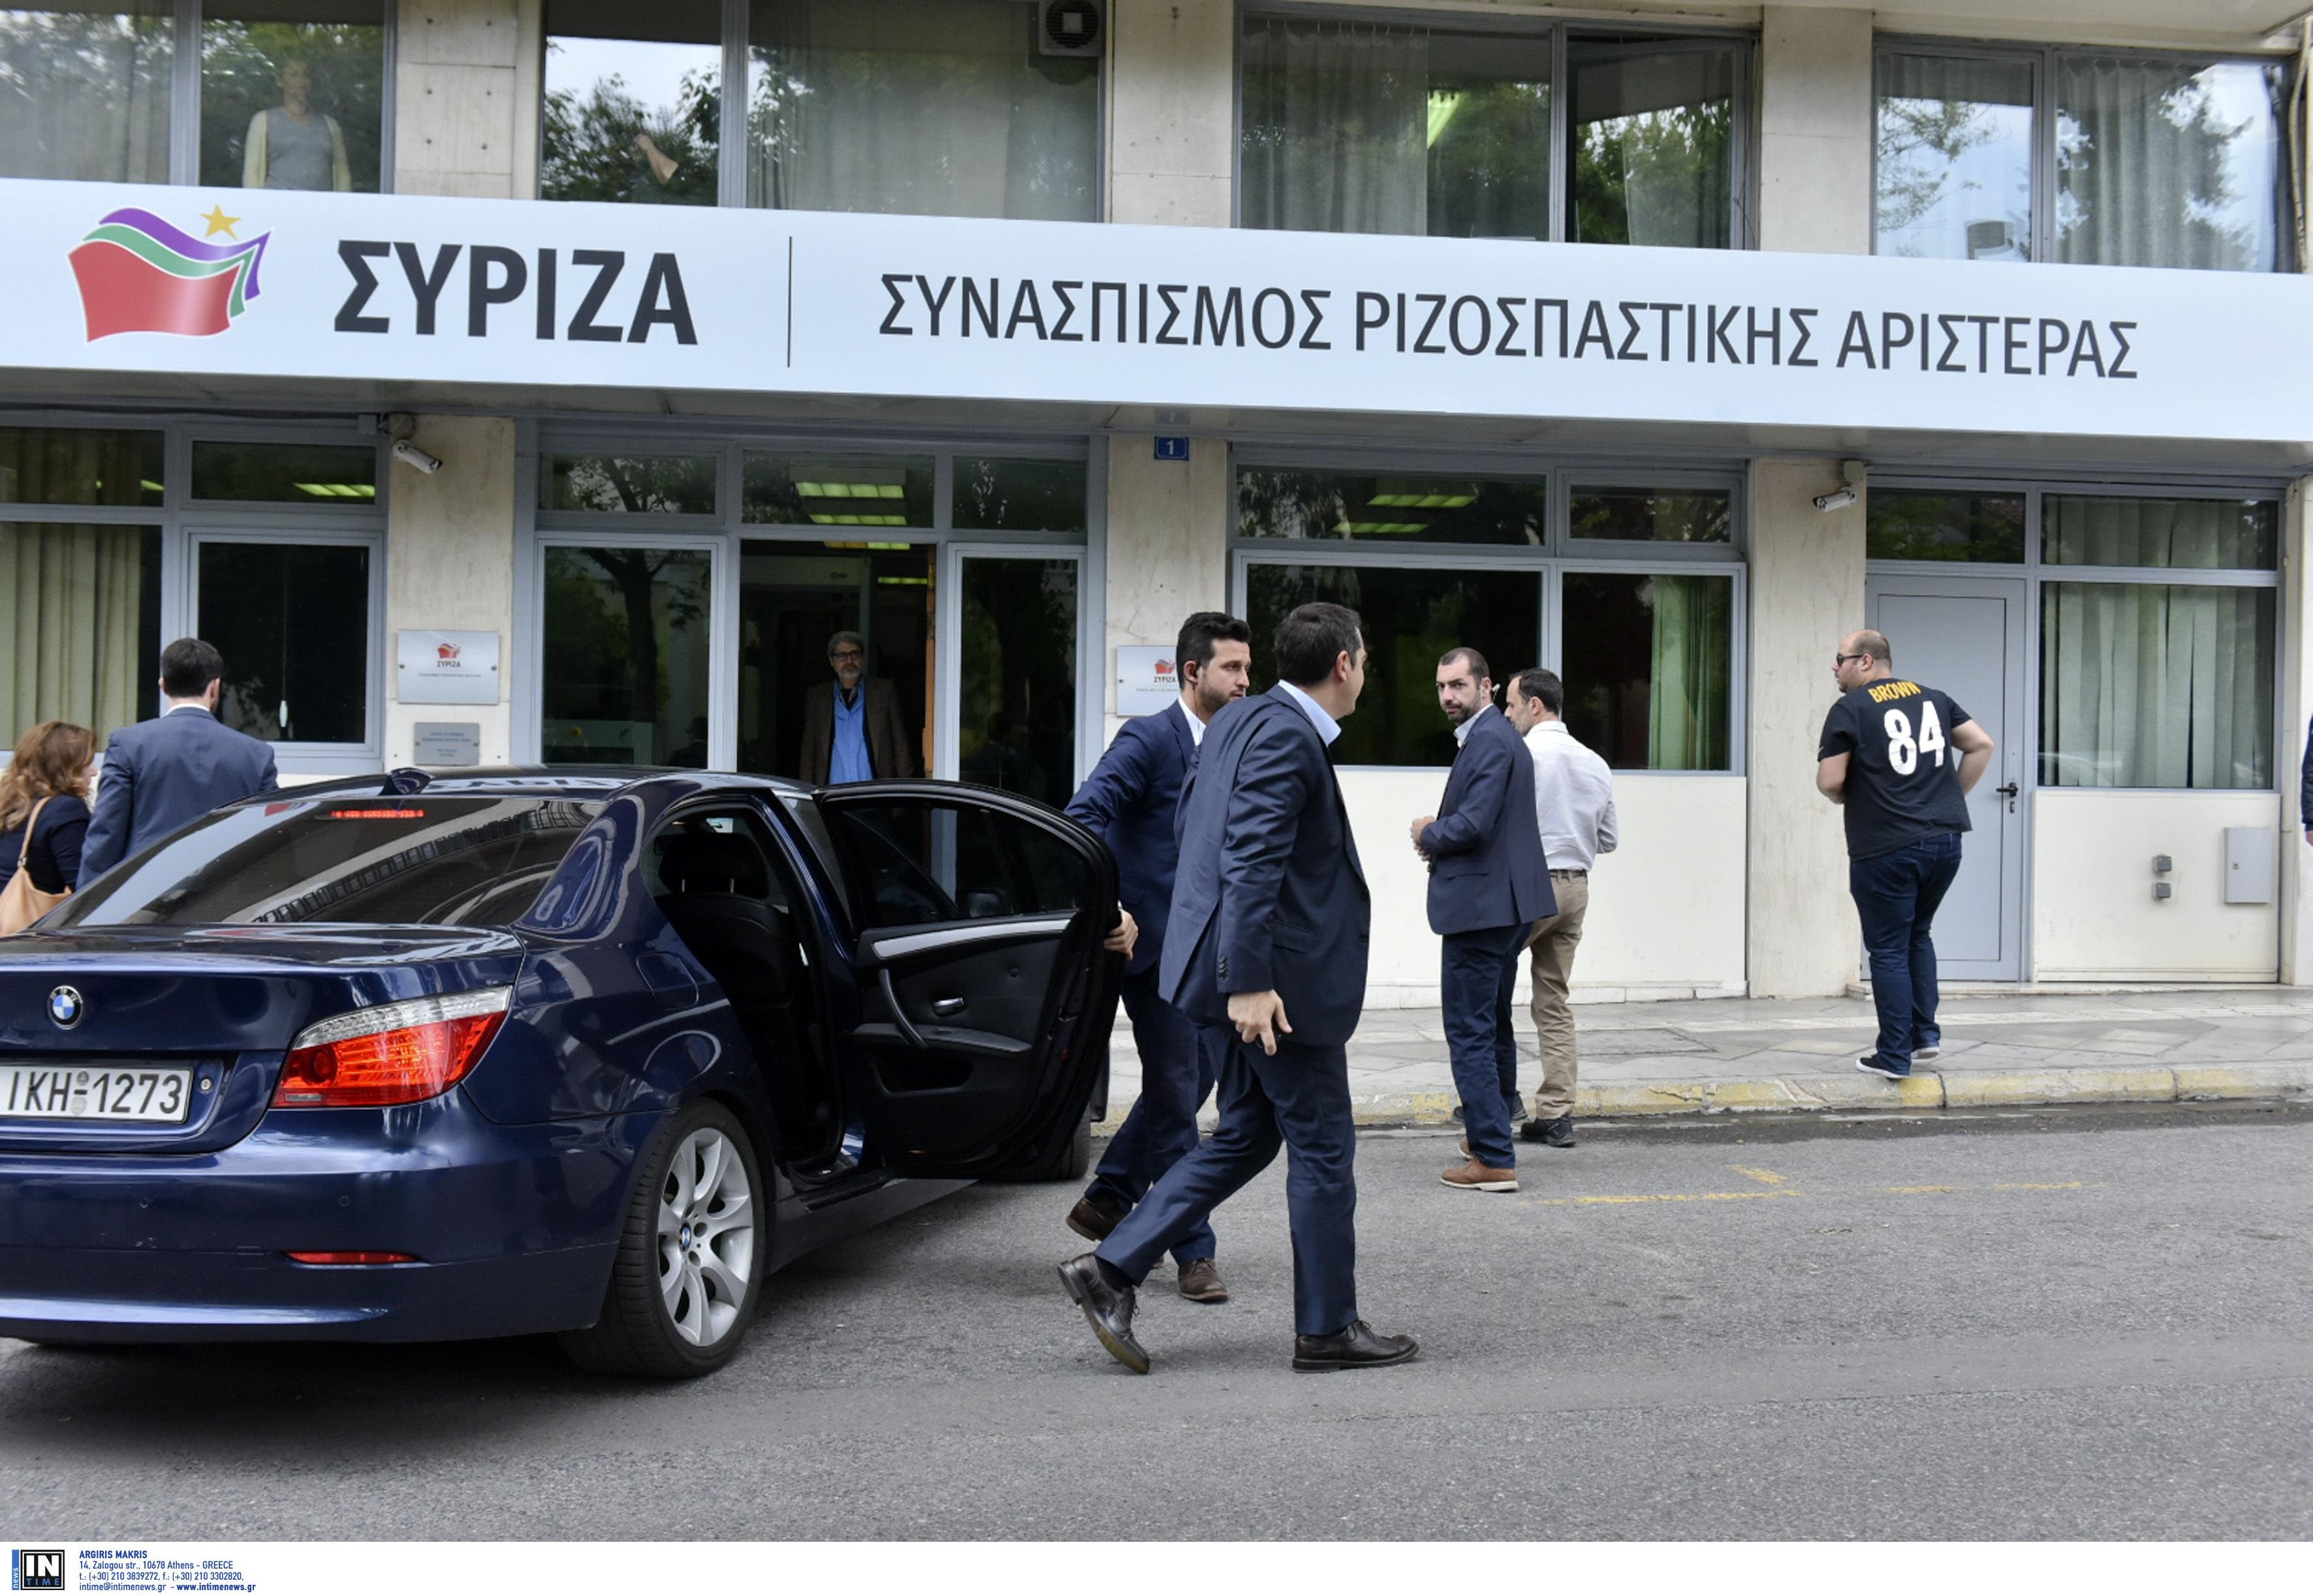 ΣΥΡΙΖΑ: Μέχρι και οι βουλευτές της ΝΔ αντιδρούν στην ασυλία – δώρο Μητσοτάκη στους τραπεζίτες